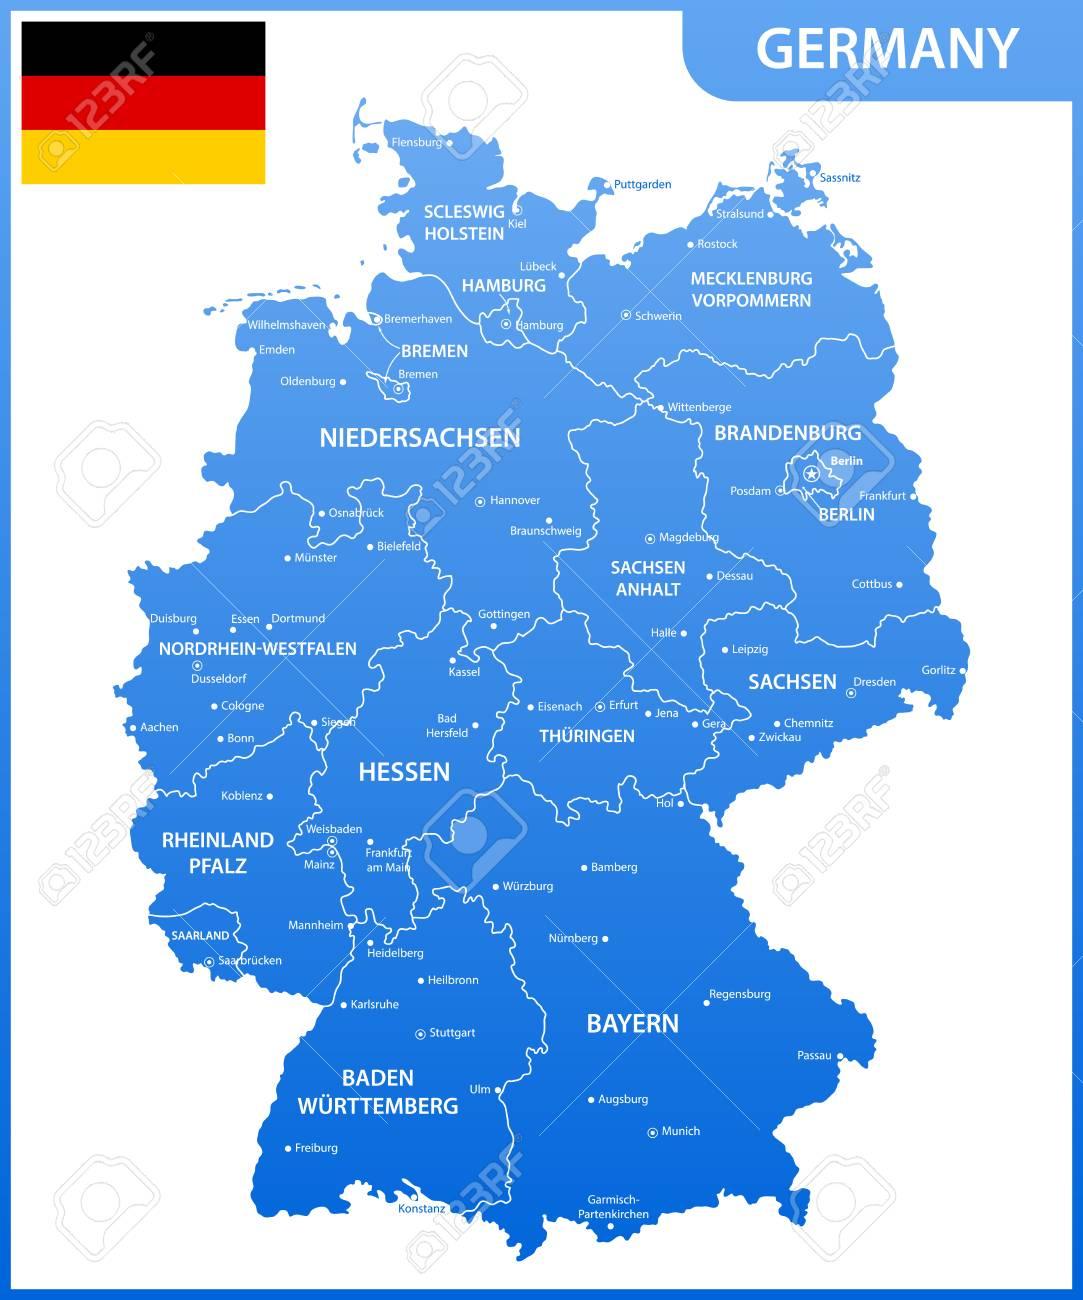 Carte Allemagne Avec Les Villes.La Carte Detaillee De L Allemagne Avec Les Regions Ou Les Etats Et Les Villes Les Capitales Le Drapeau National